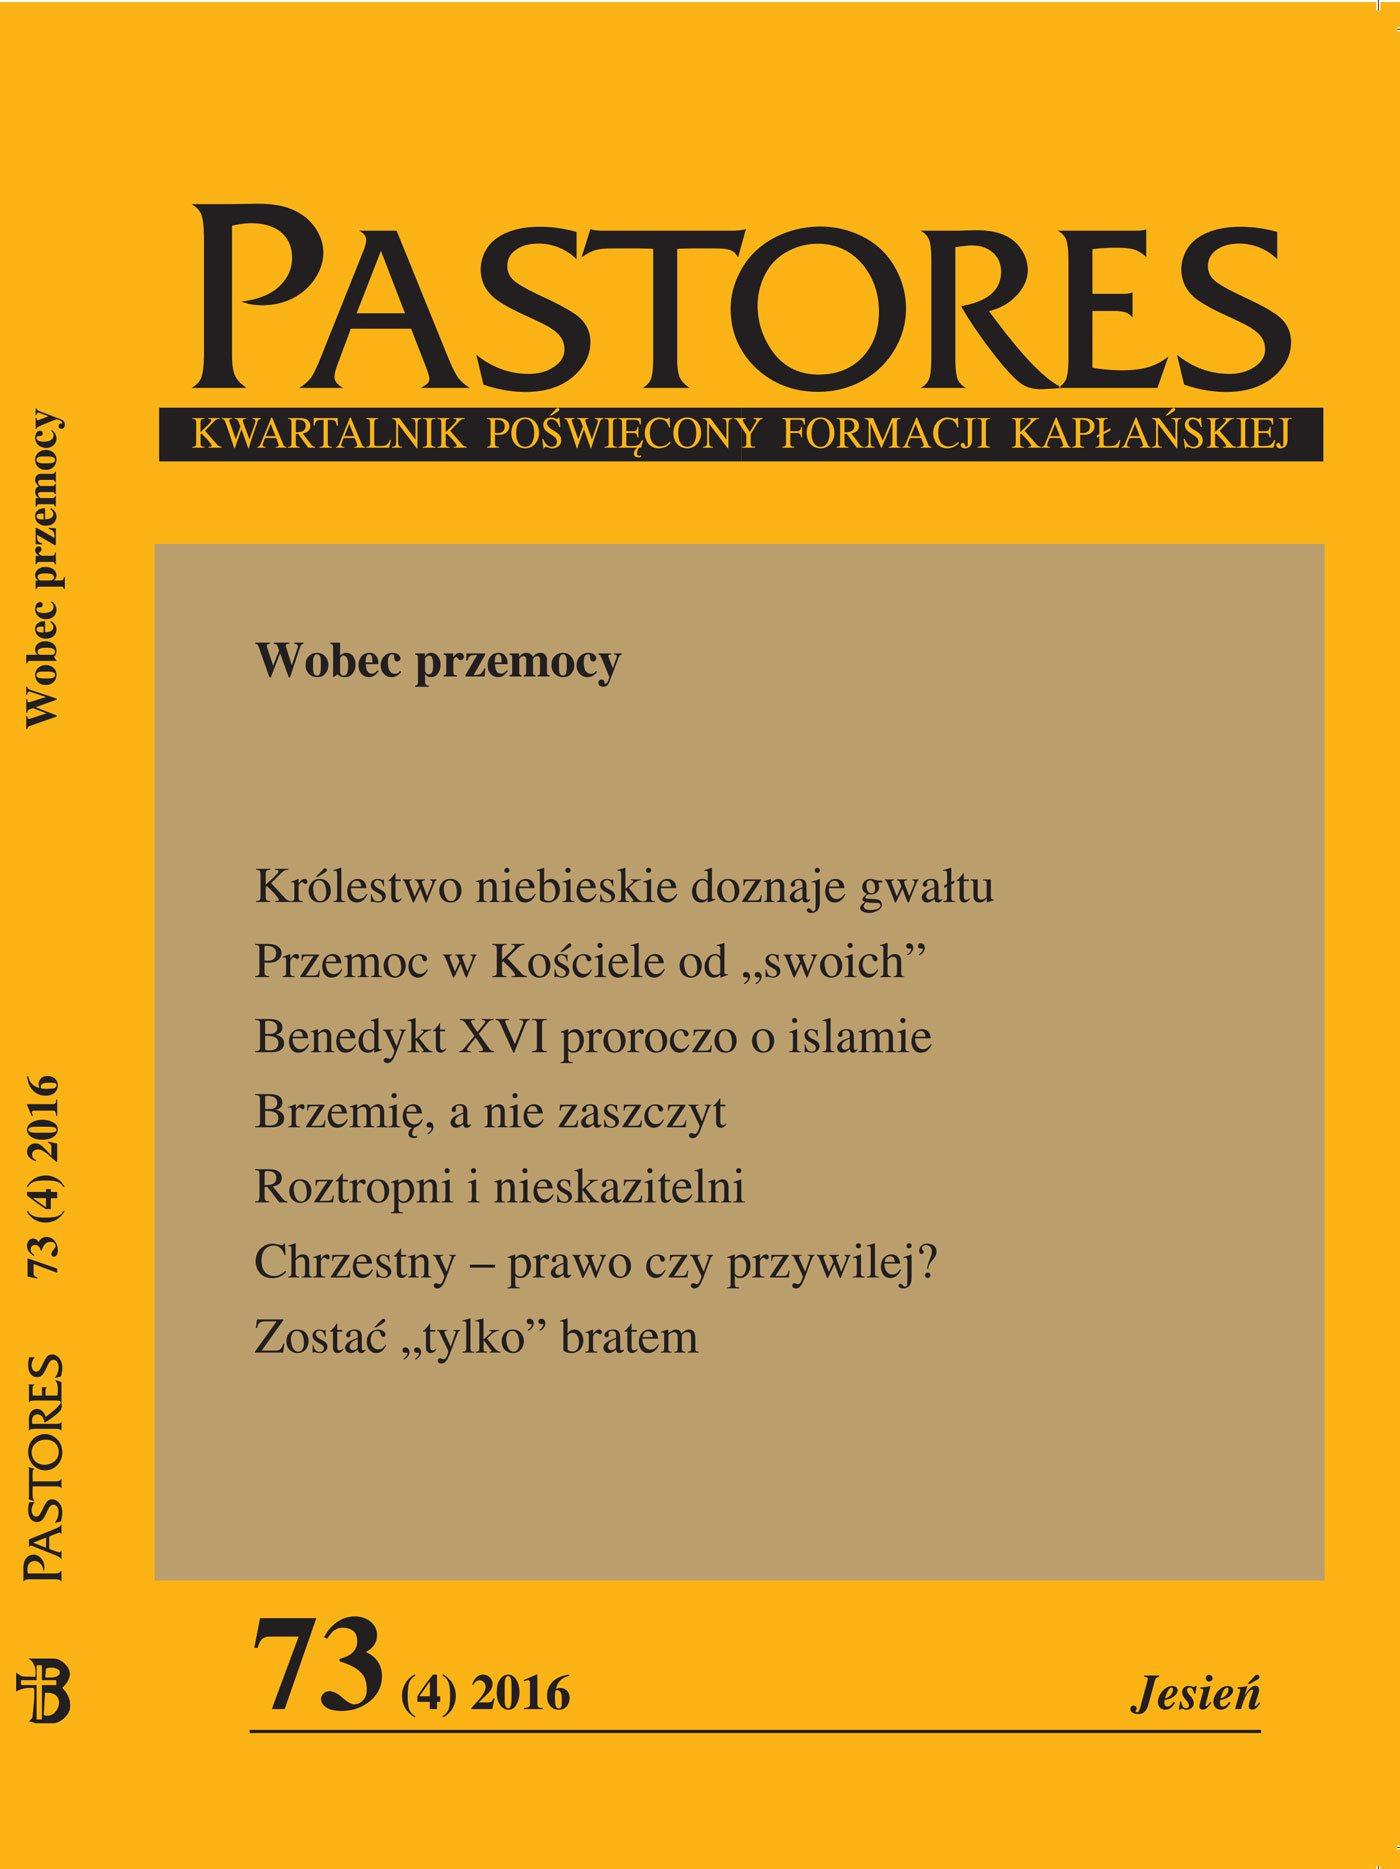 Pastores 73 (4) 2016 - Ebook (Książka EPUB) do pobrania w formacie EPUB